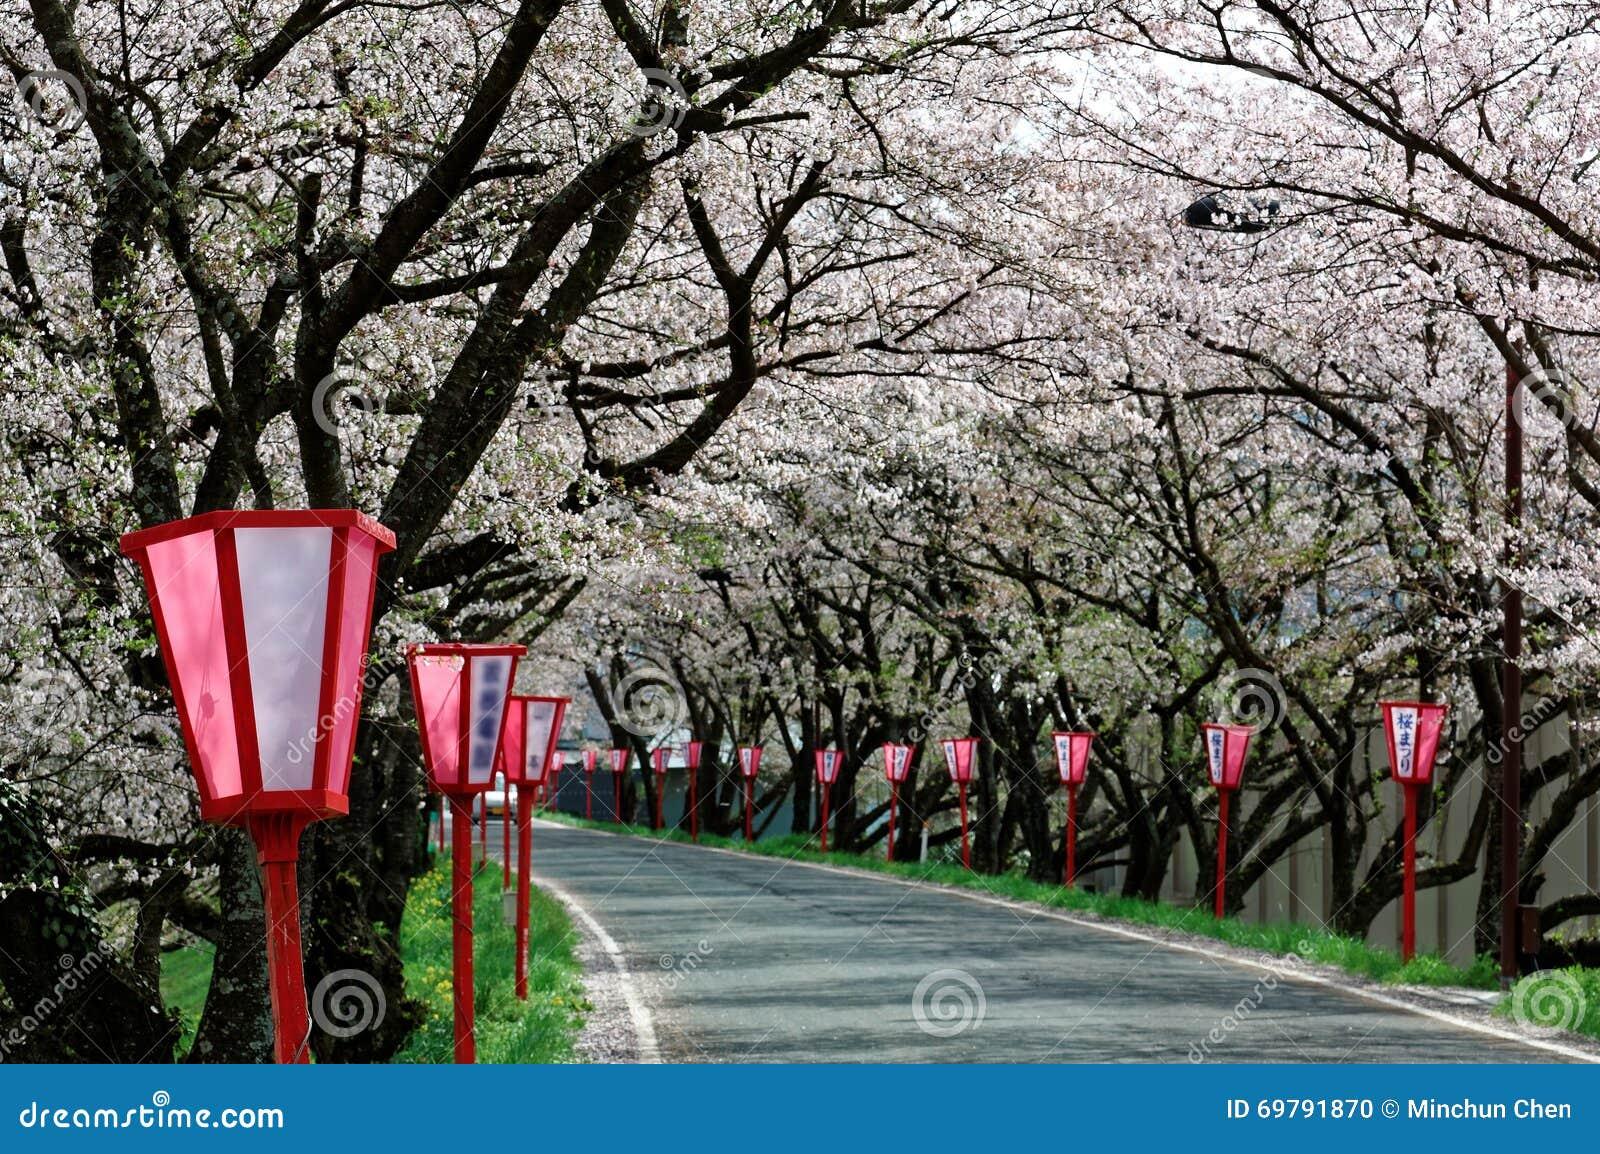 De romantische roze kersenboom (Sakura) komt en de Japanse posten van de stijllamp langs een landweg tot bloei (vage achtergrond